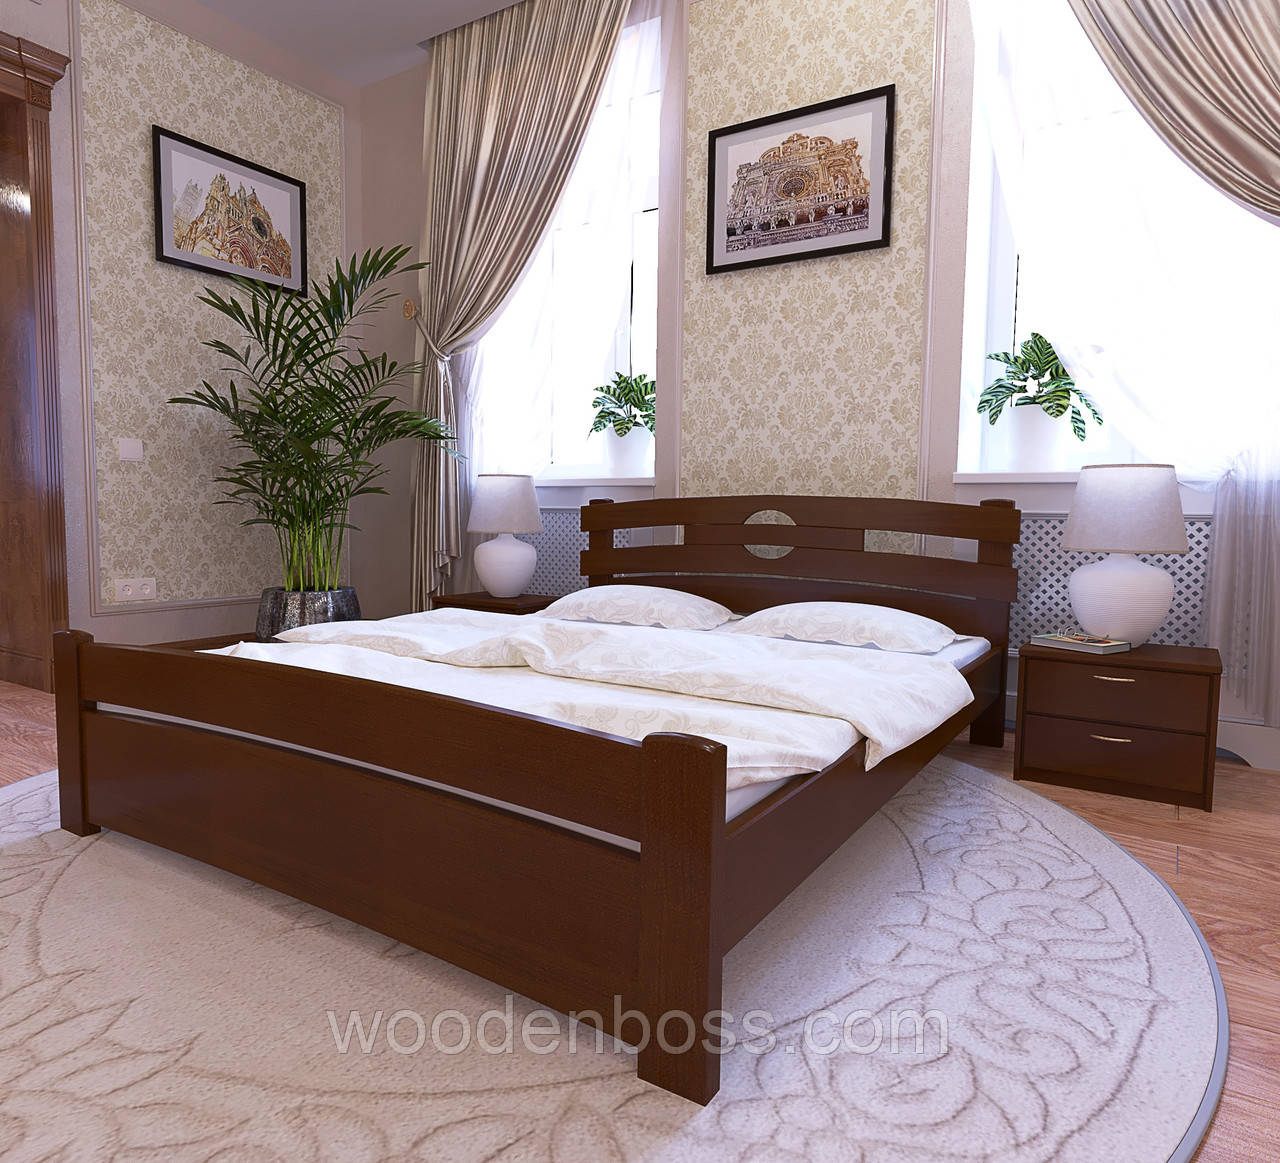 """Кровать полуторная от """"Wooden Boss"""" Токио Люкс (спальное место 120х190/200)"""